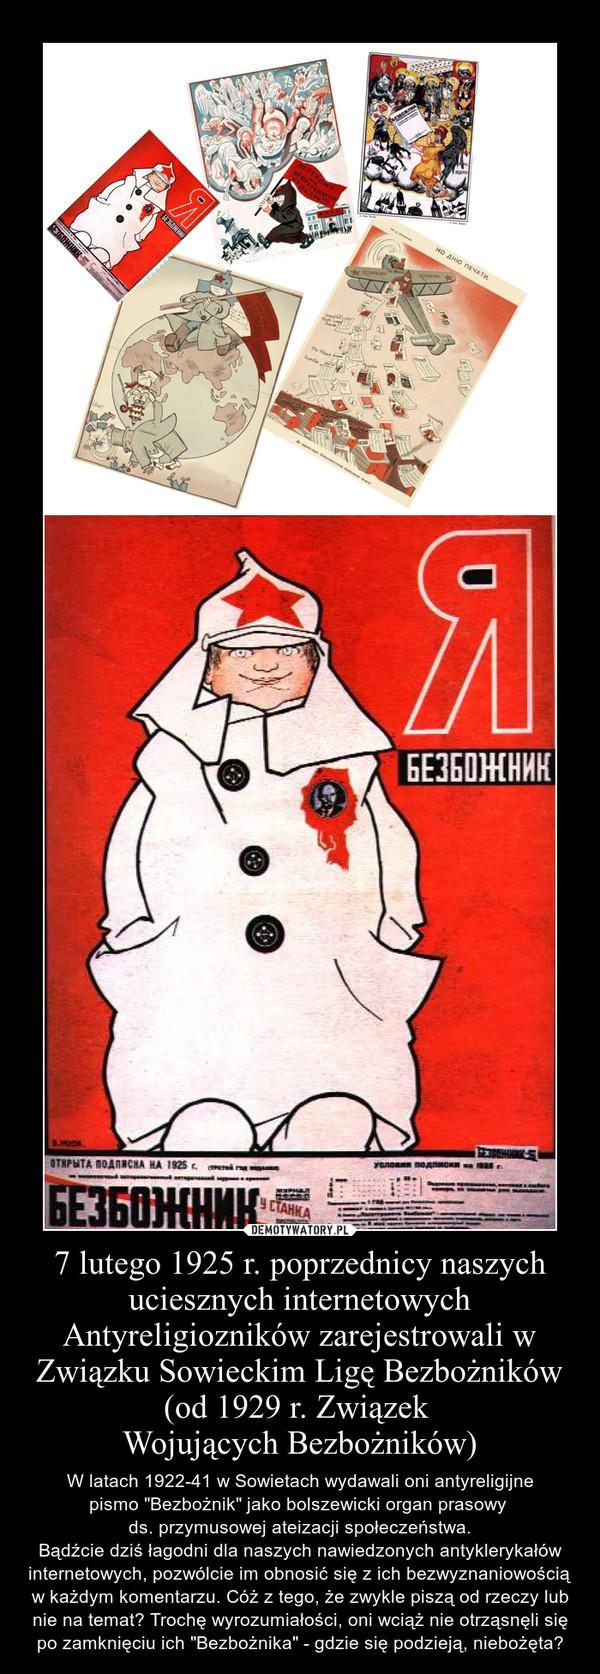 """7 lutego 1925 r. poprzednicy naszych uciesznych internetowych Antyreligiozników zarejestrowali w Związku Sowieckim Ligę Bezbożników (od 1929 r. Związek Wojujących Bezbożników) – W latach 1922-41 w Sowietach wydawali oni antyreligijne\npismo """"Bezbożnik"""" jako bolszewicki organ prasowy \nds. przymusowej ateizacji społeczeństwa.\nBądźcie dziś łagodni dla naszych nawiedzonych antyklerykałów internetowych, pozwólcie im obnosić się z ich bezwyznaniowością w każdym komentarzu. Cóż z tego, że zwykle piszą od rzeczy lub nie na temat? Trochę wyrozumiałości, oni wciąż nie otrząsnęli się po zamknięciu ich """"Bezbożnika"""" - gdzie się podzieją, niebożęta?"""